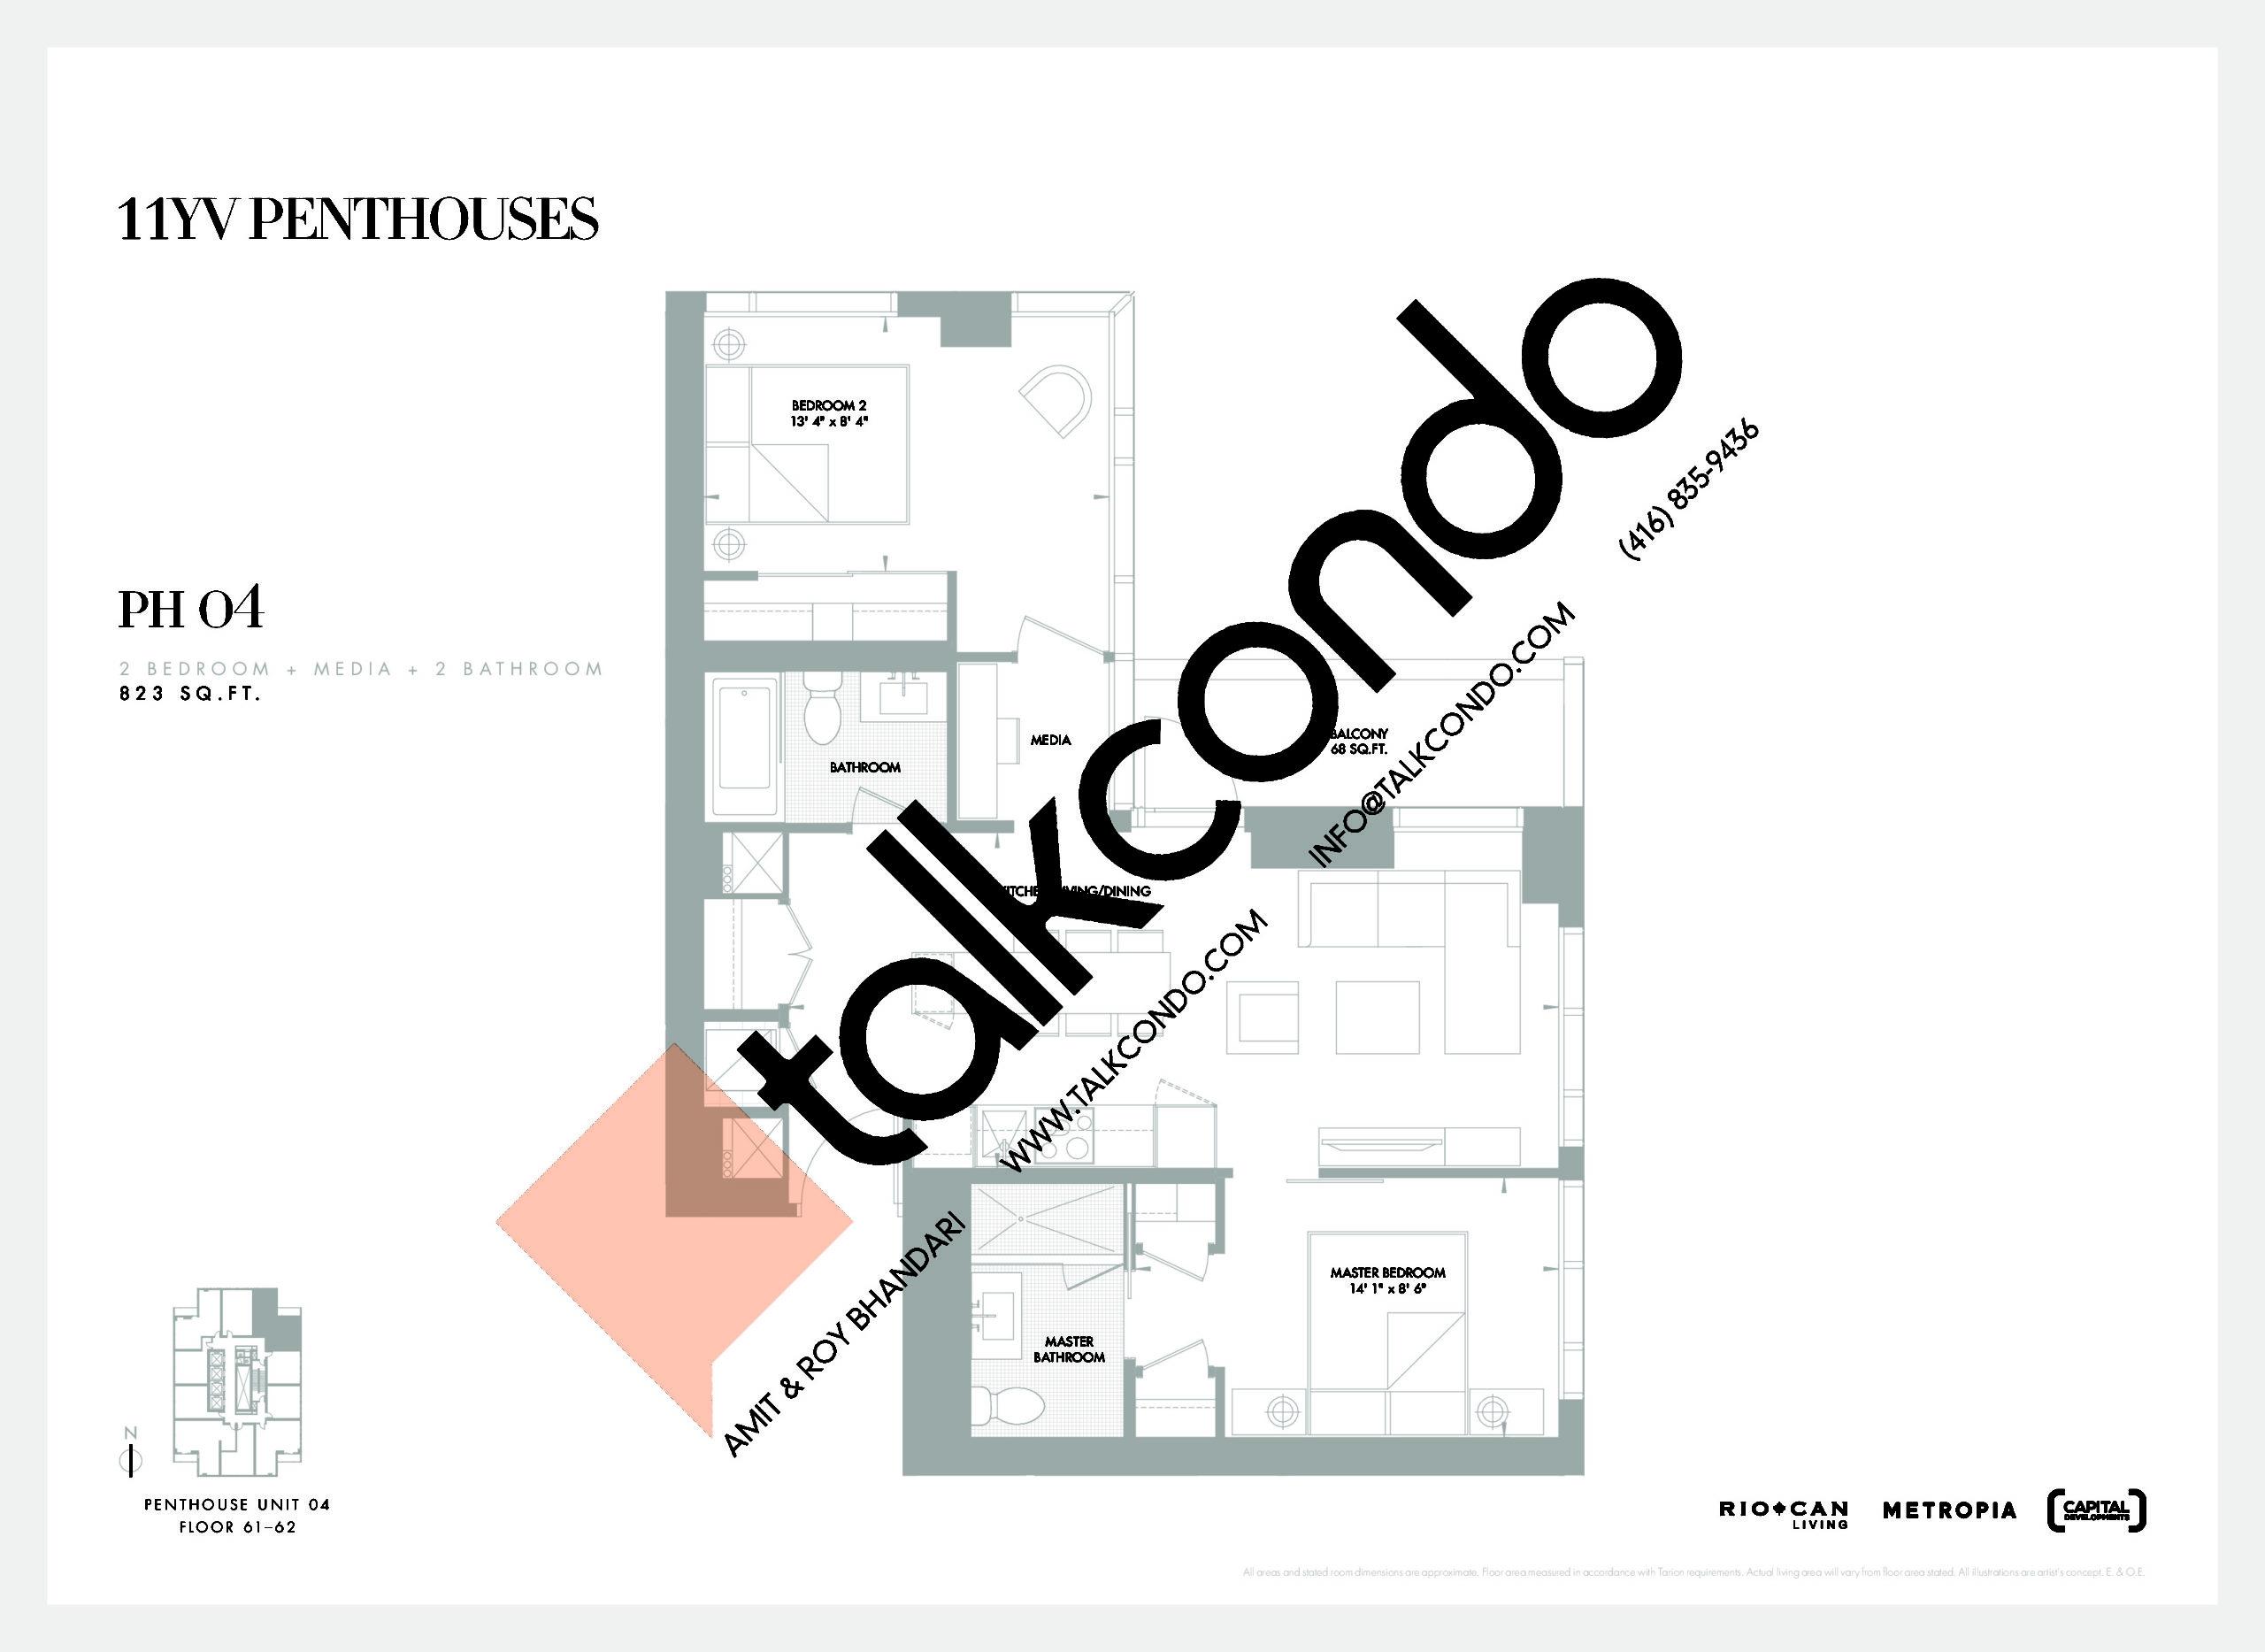 PH 04 Floor Plan at 11YV Condos - 823 sq.ft